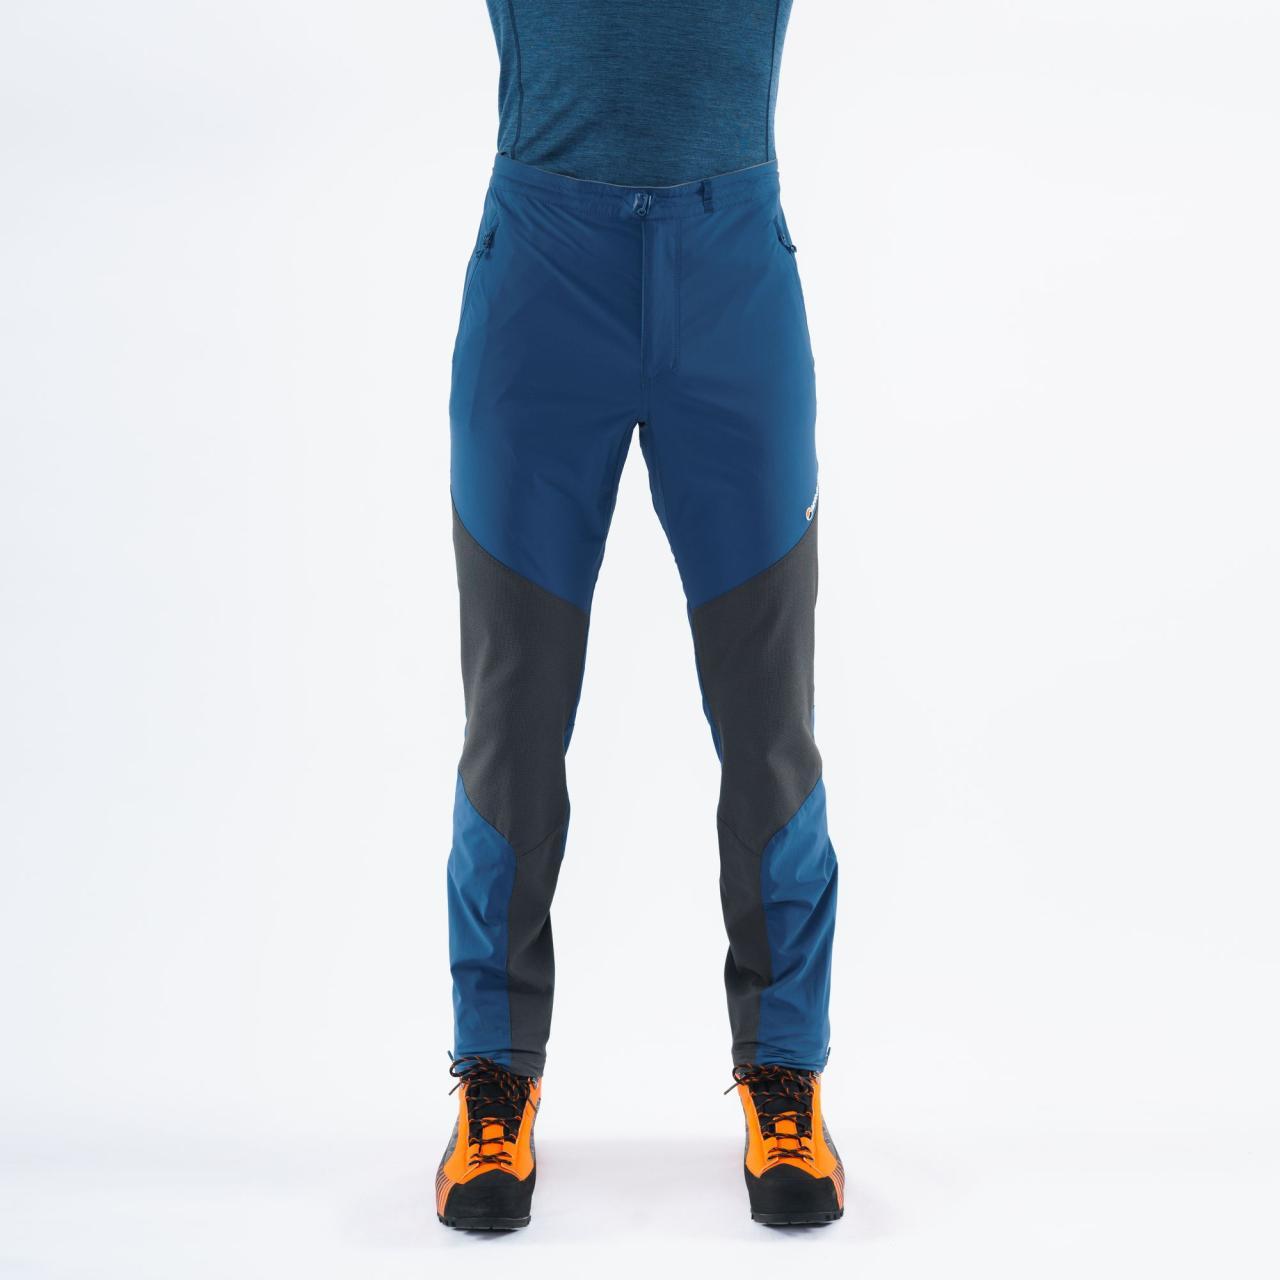 ALPINE EDGE PANTS-REG LEG-NARWHAL BLUE-M pánské kalhoty modré